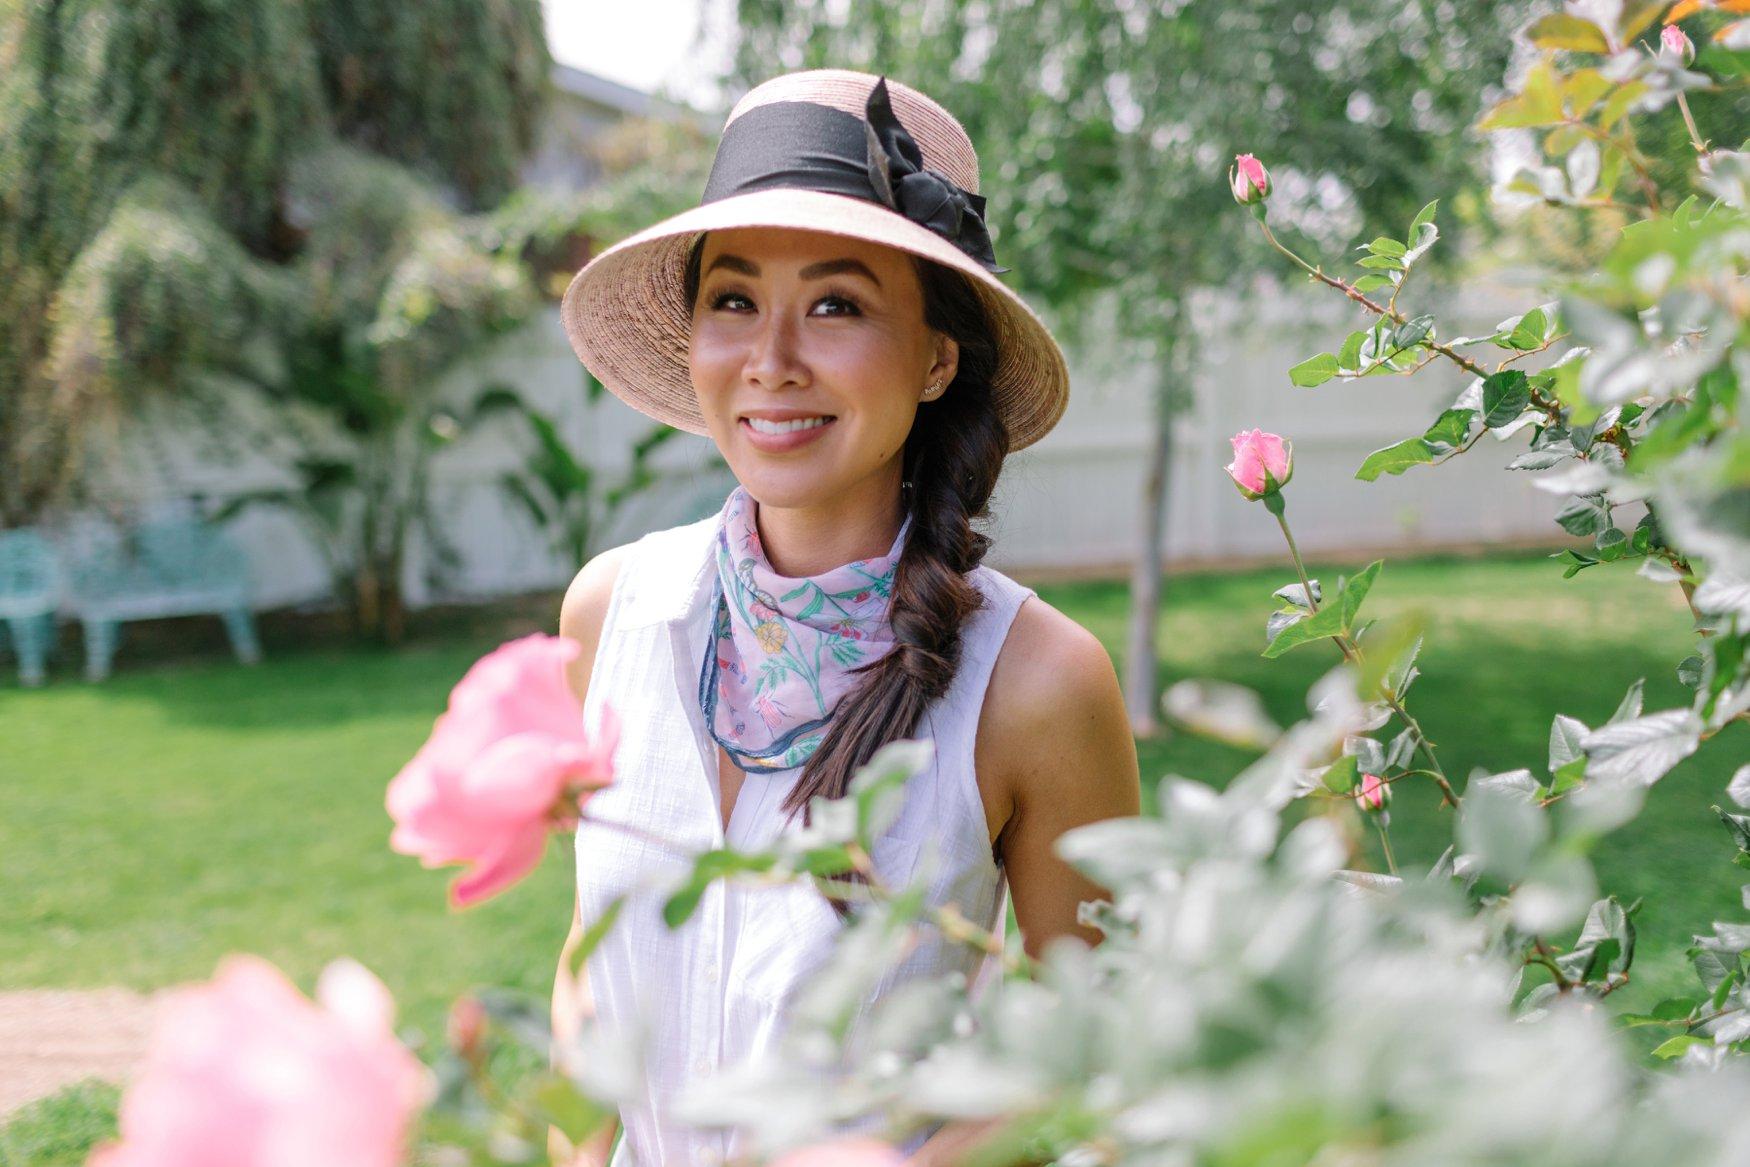 garden scarf with garden hat in romper